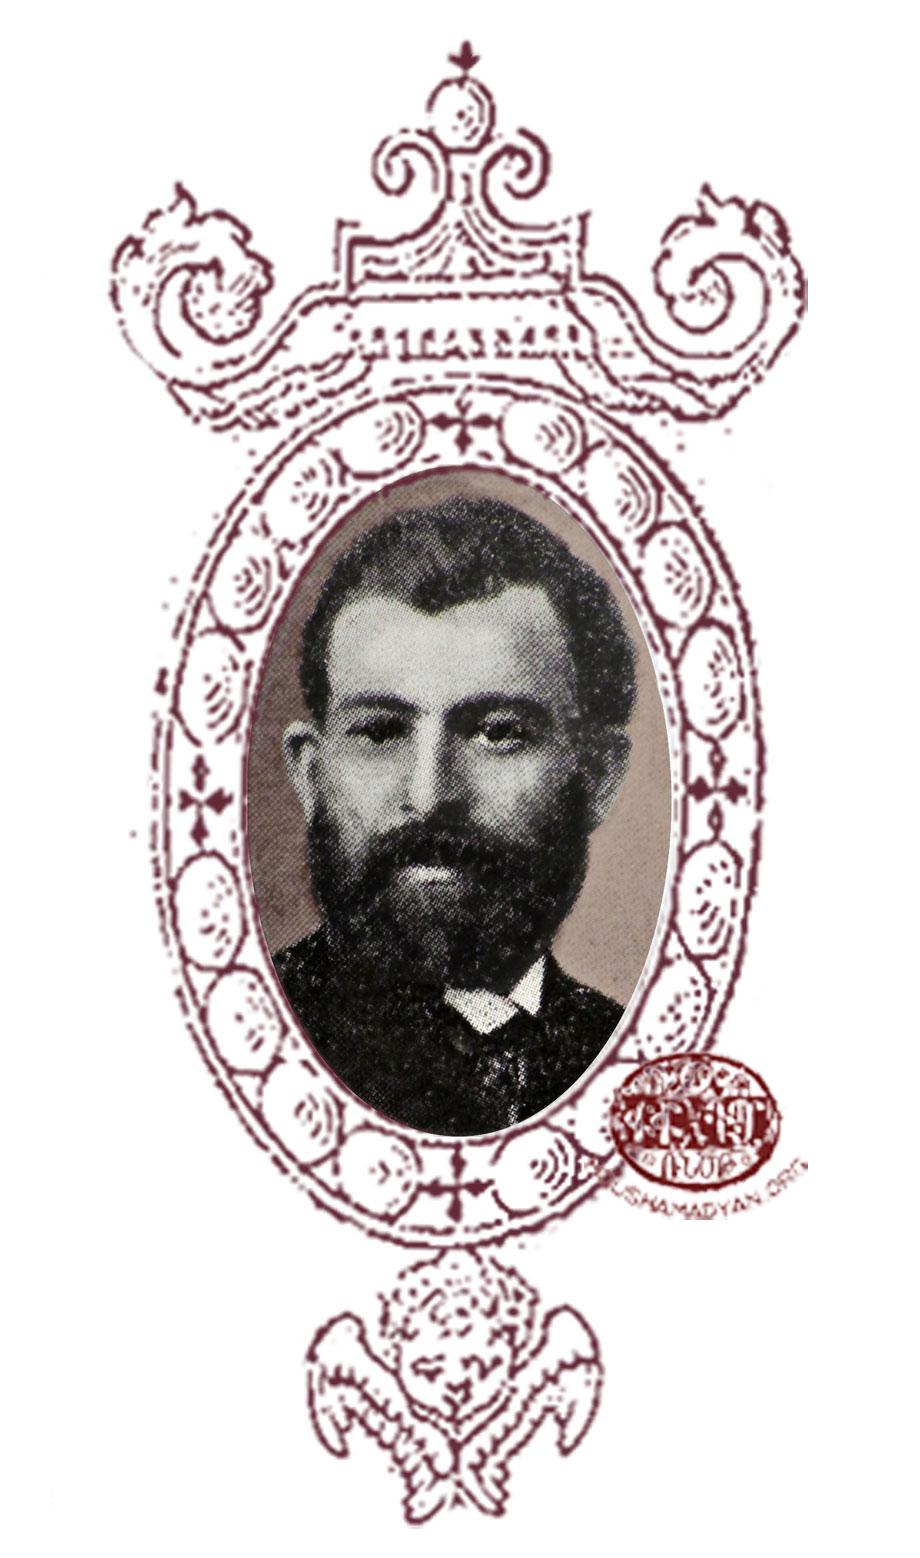 Mardiros Shmavonian